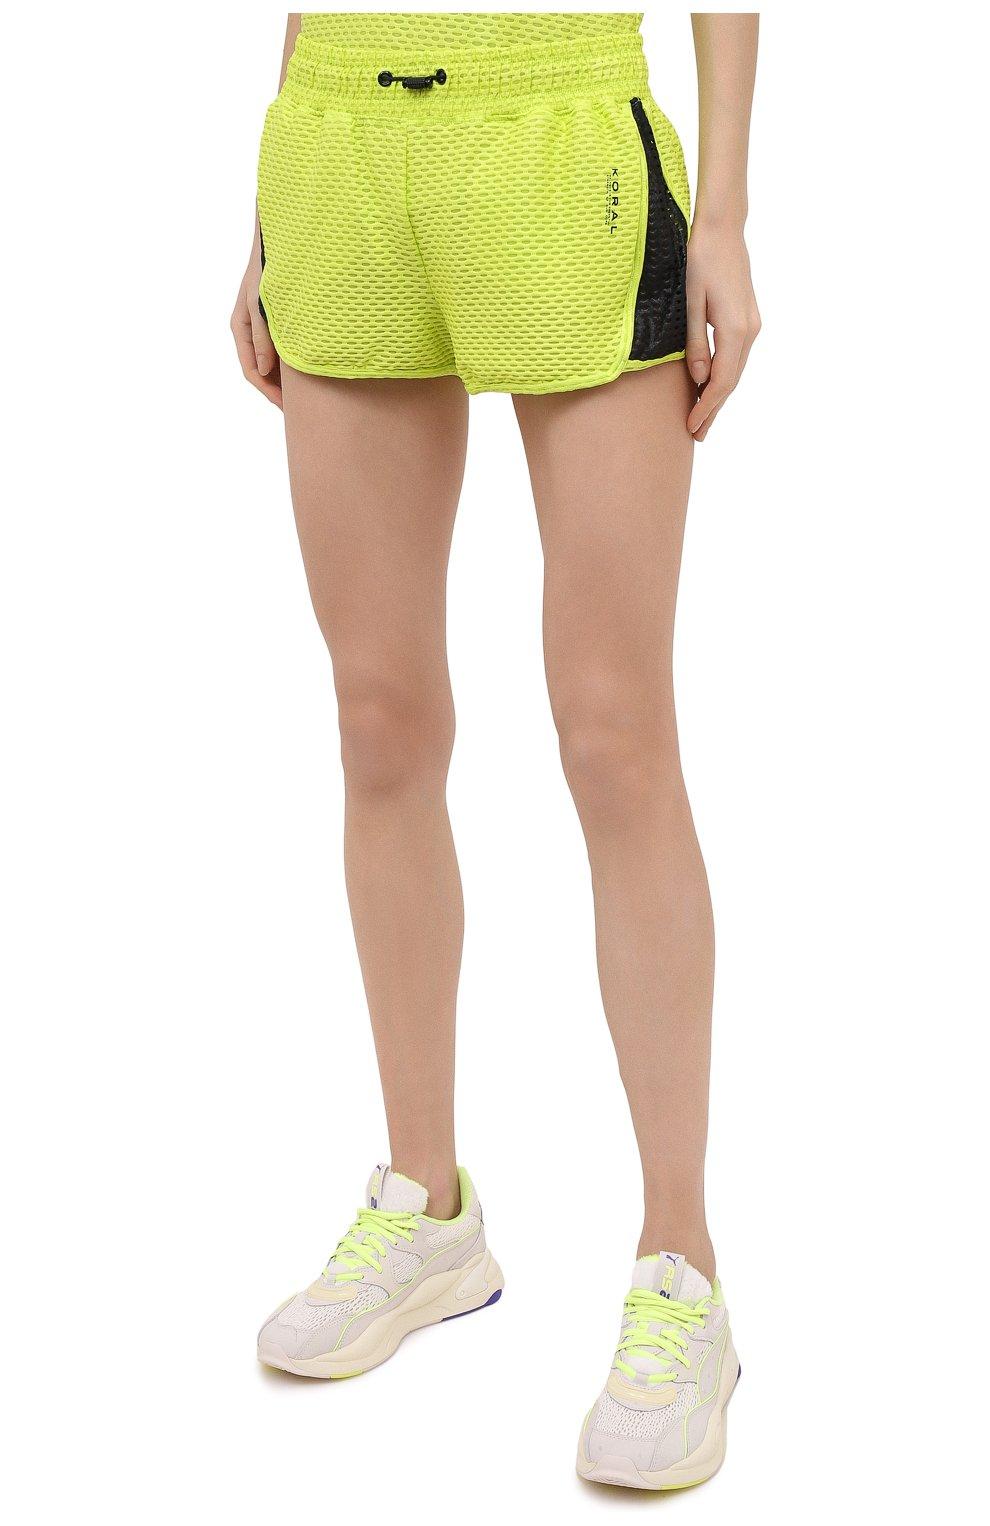 Женские шорты KORAL светло-зеленого цвета, арт. A2526K09 | Фото 3 (Длина Ж (юбки, платья, шорты): Мини; Кросс-КТ: Спорт; Материал внешний: Синтетический материал; Женское Кросс-КТ: Шорты-спорт)